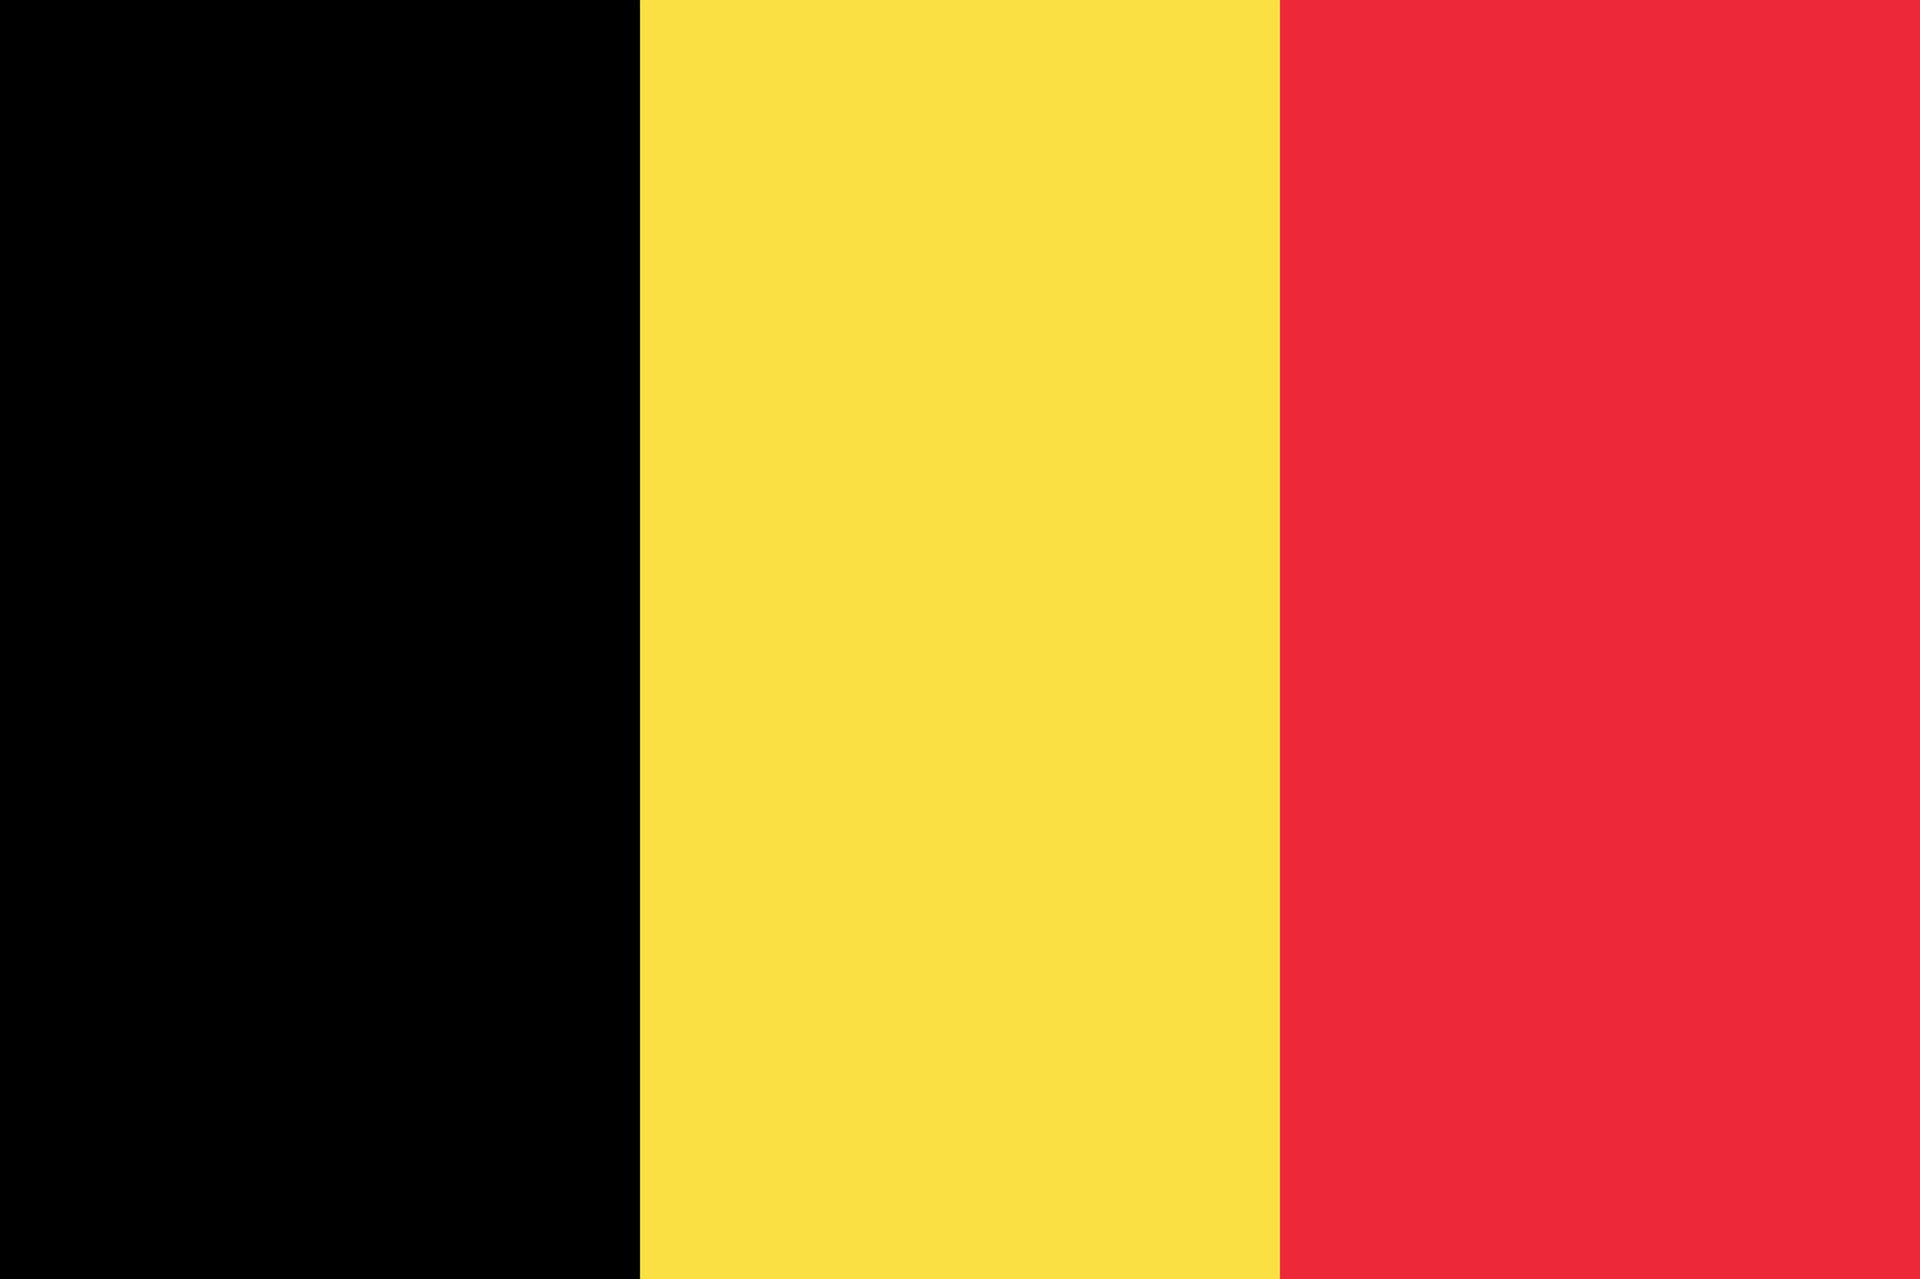 Belgische overheid ziet forse toename van sms-phishing